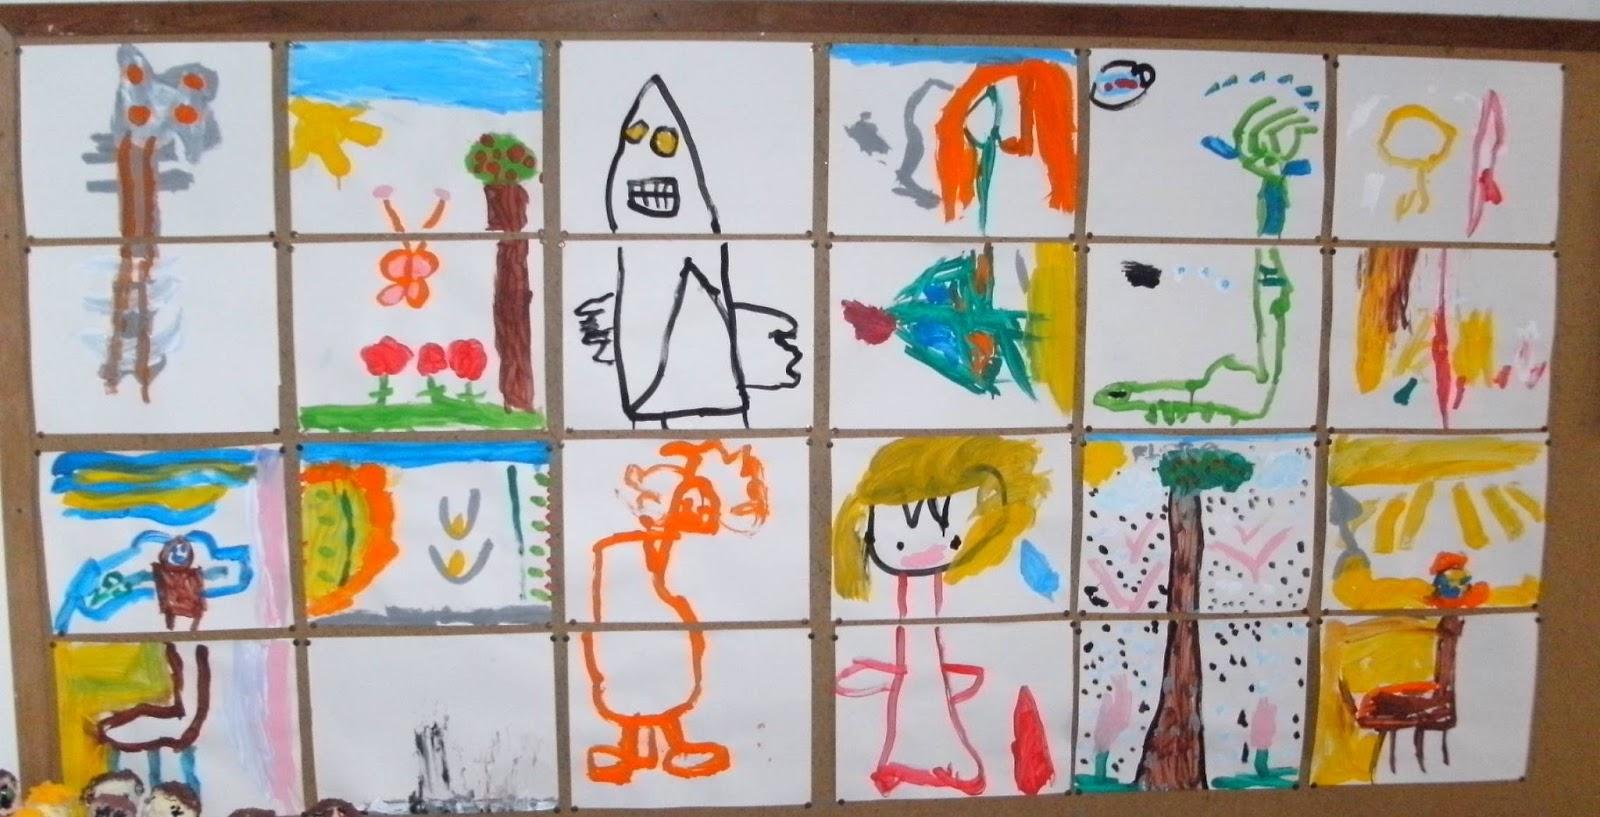 Cultura infantil arte hist ria e brincadeira pintura - Pintura de azulejos ...